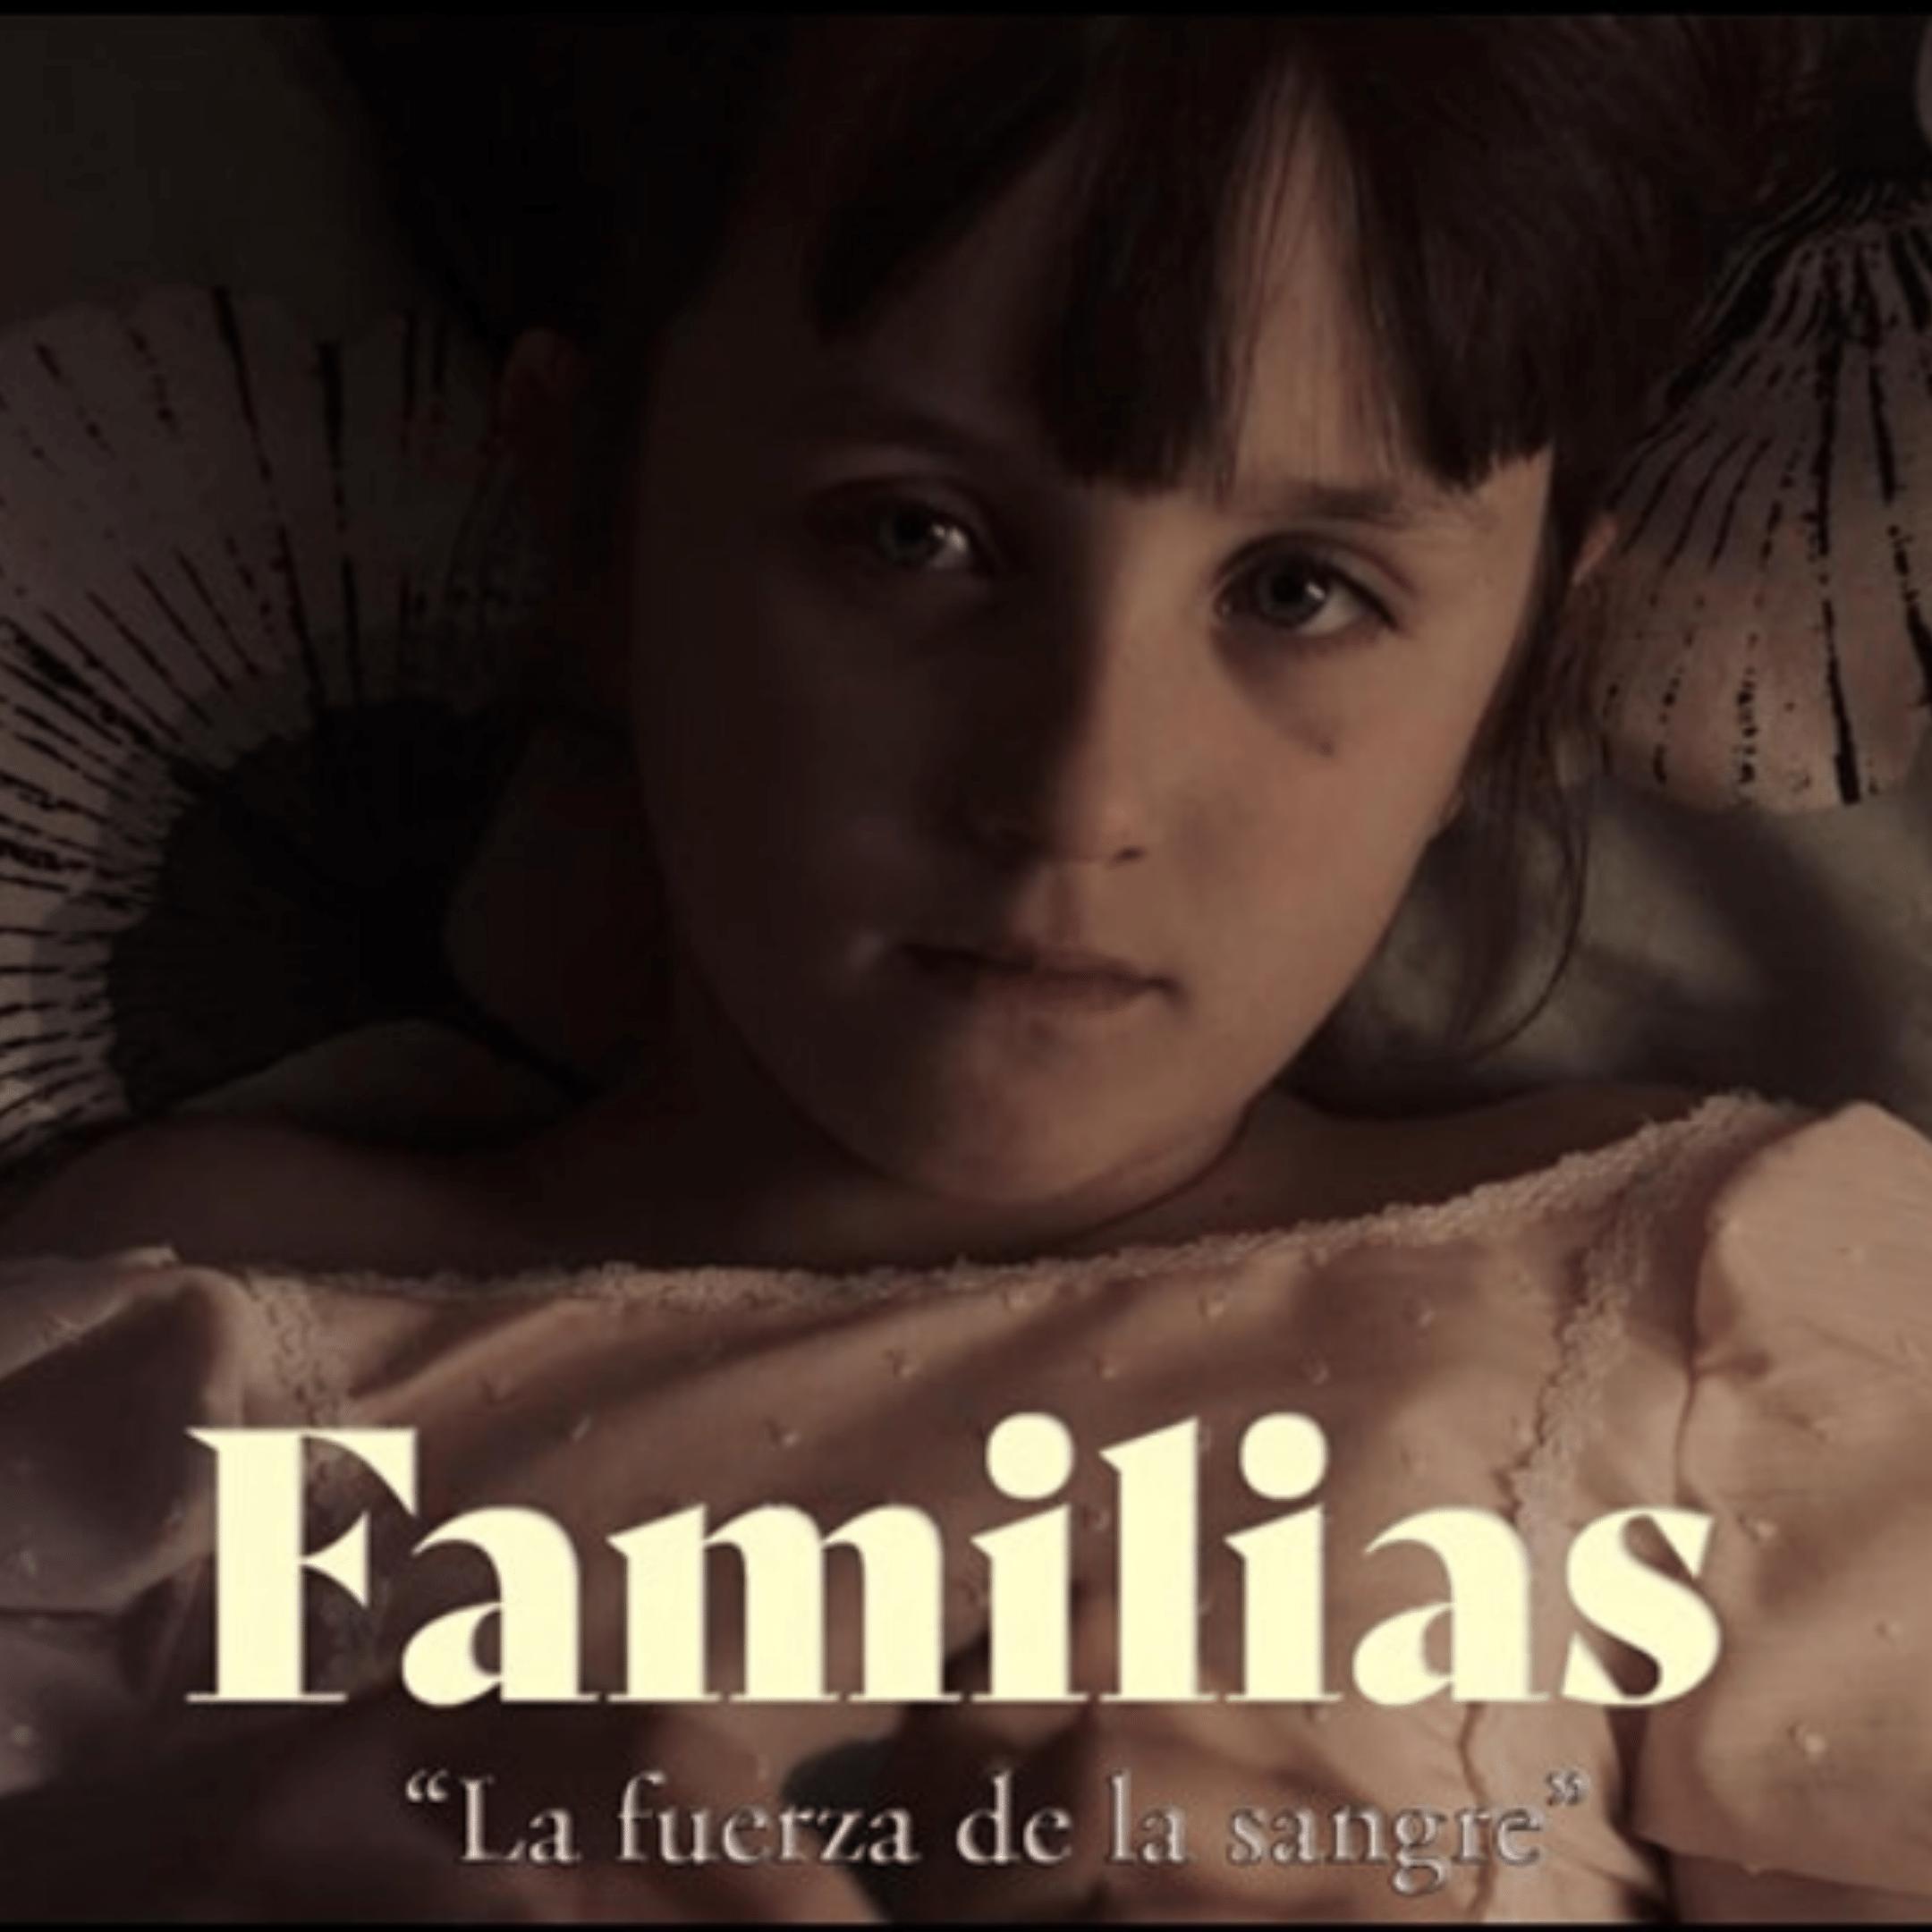 Estreno de Familias, cortometraje de ficción, Julieta la protagonista